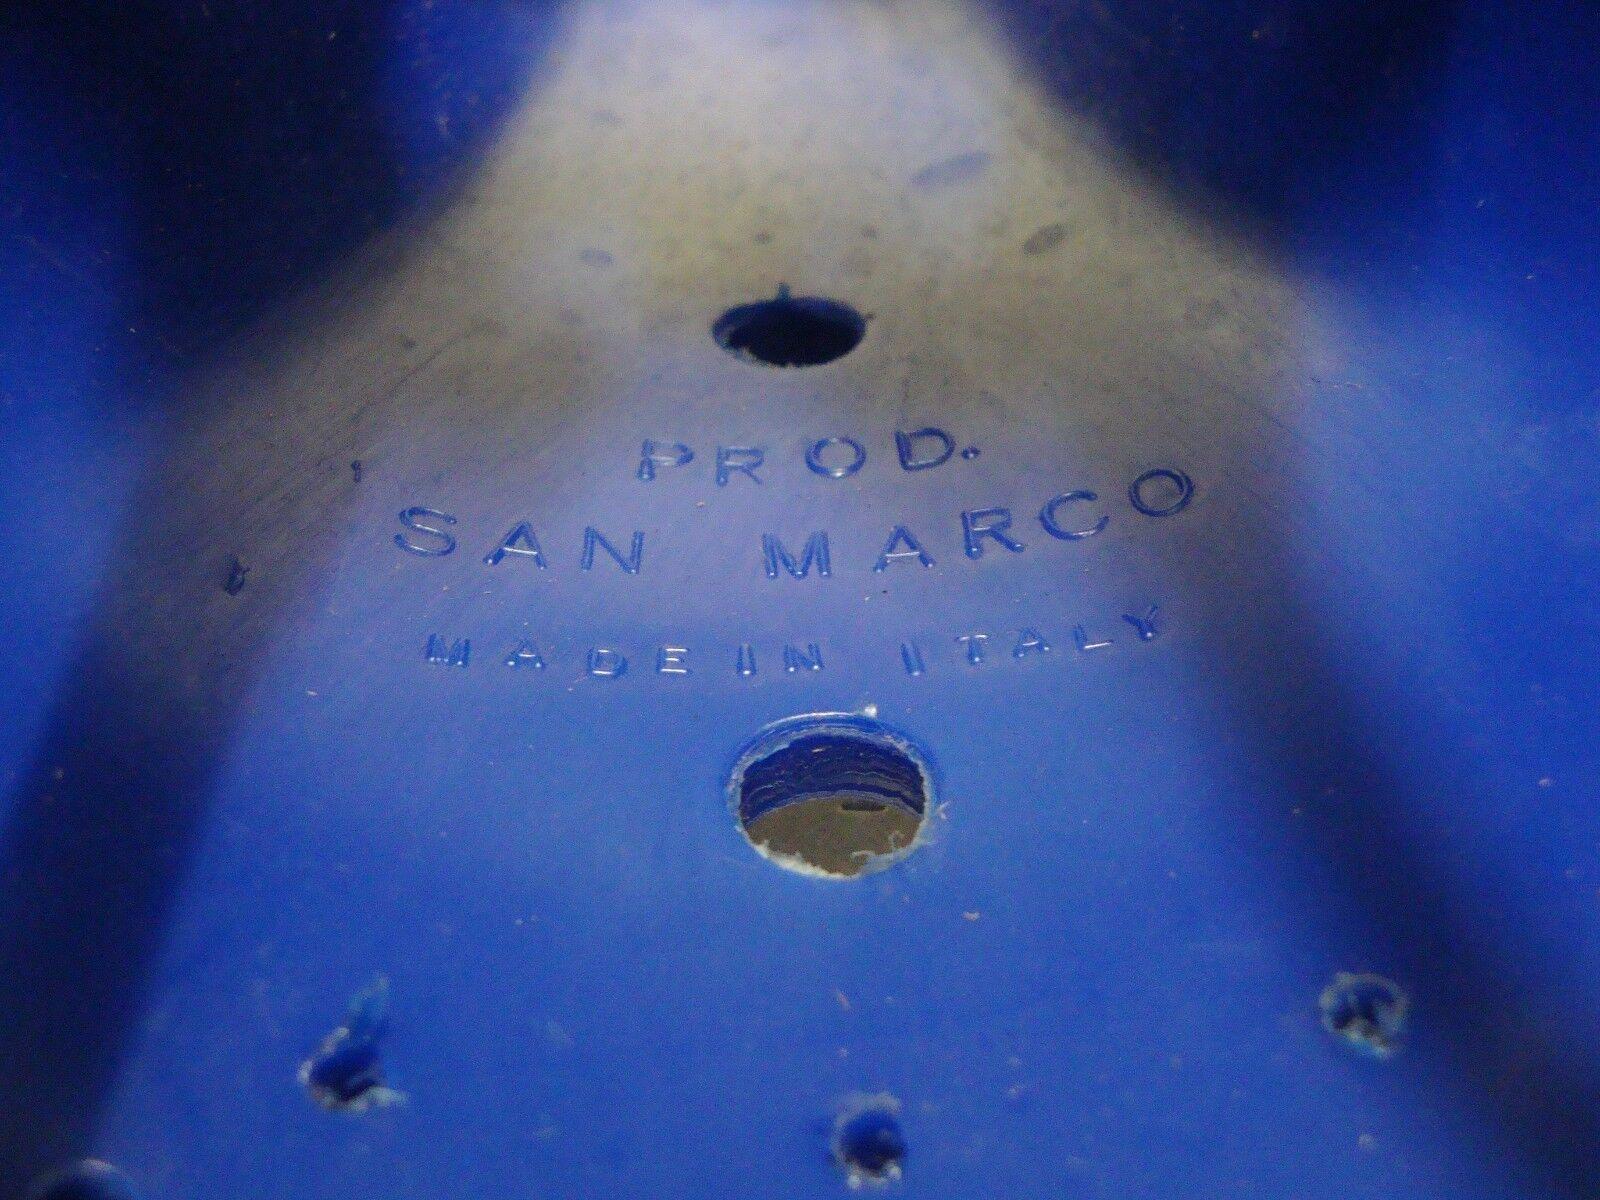 Las San Marco Silla Asiento Bmx Azul 458gr Hecho Hecho 458gr En Italia db9755